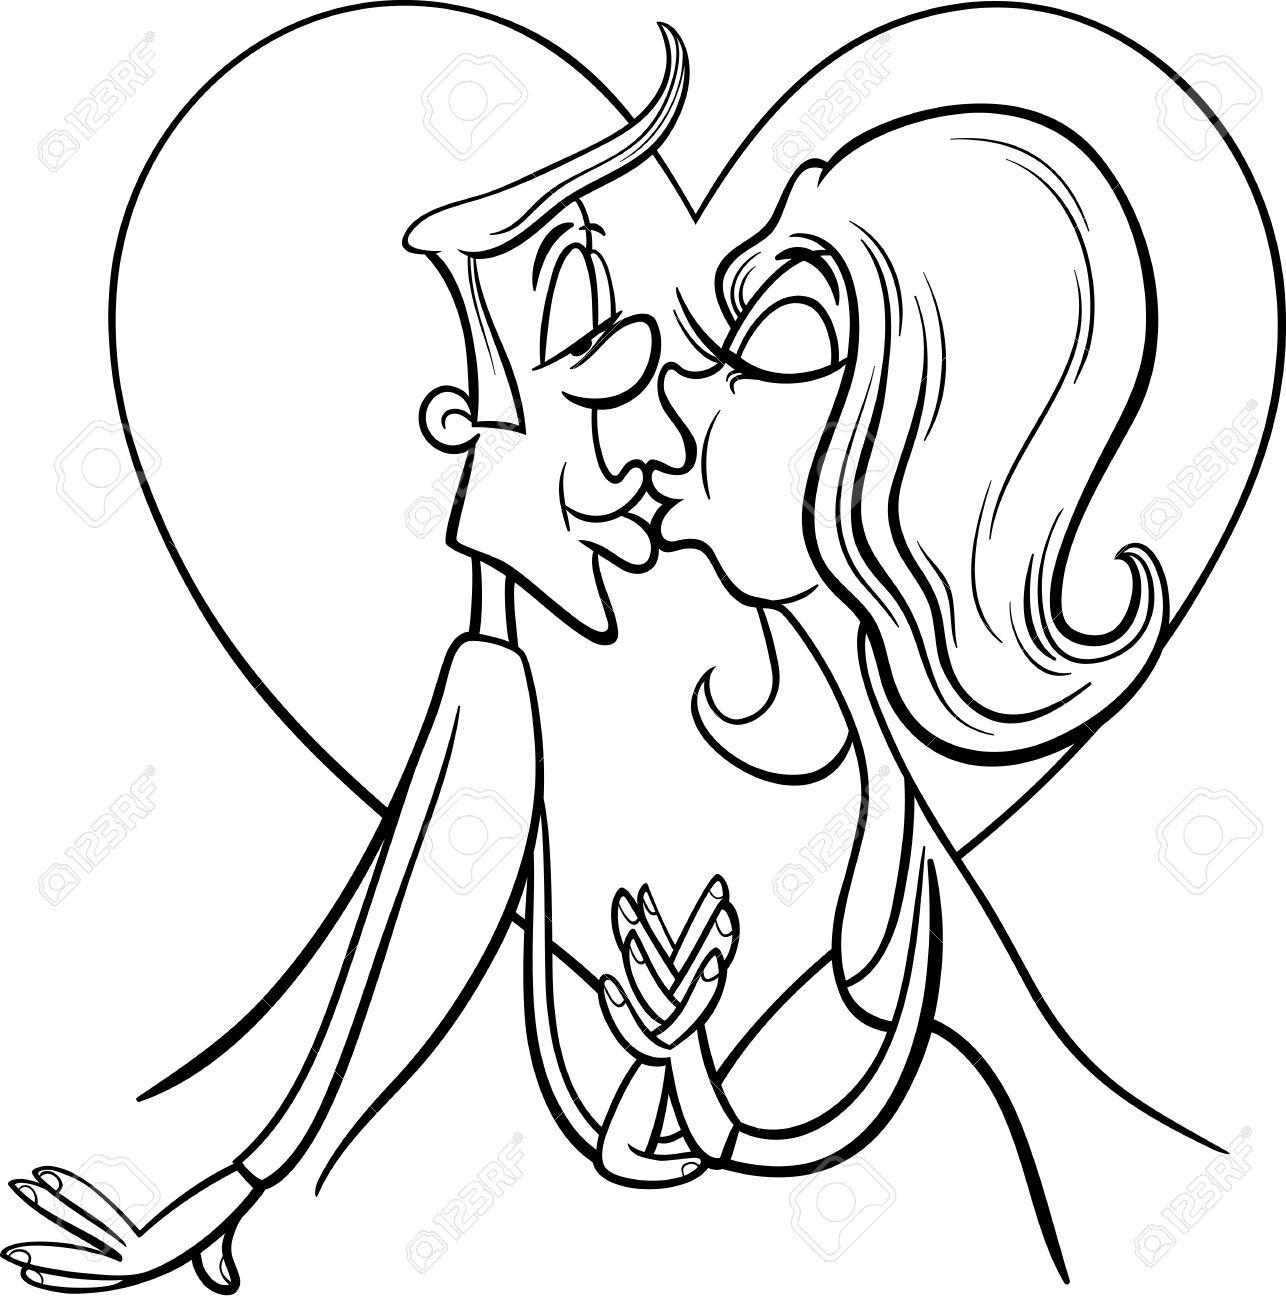 Dibujos Animados Para Dibujar De Amor On Log Wall